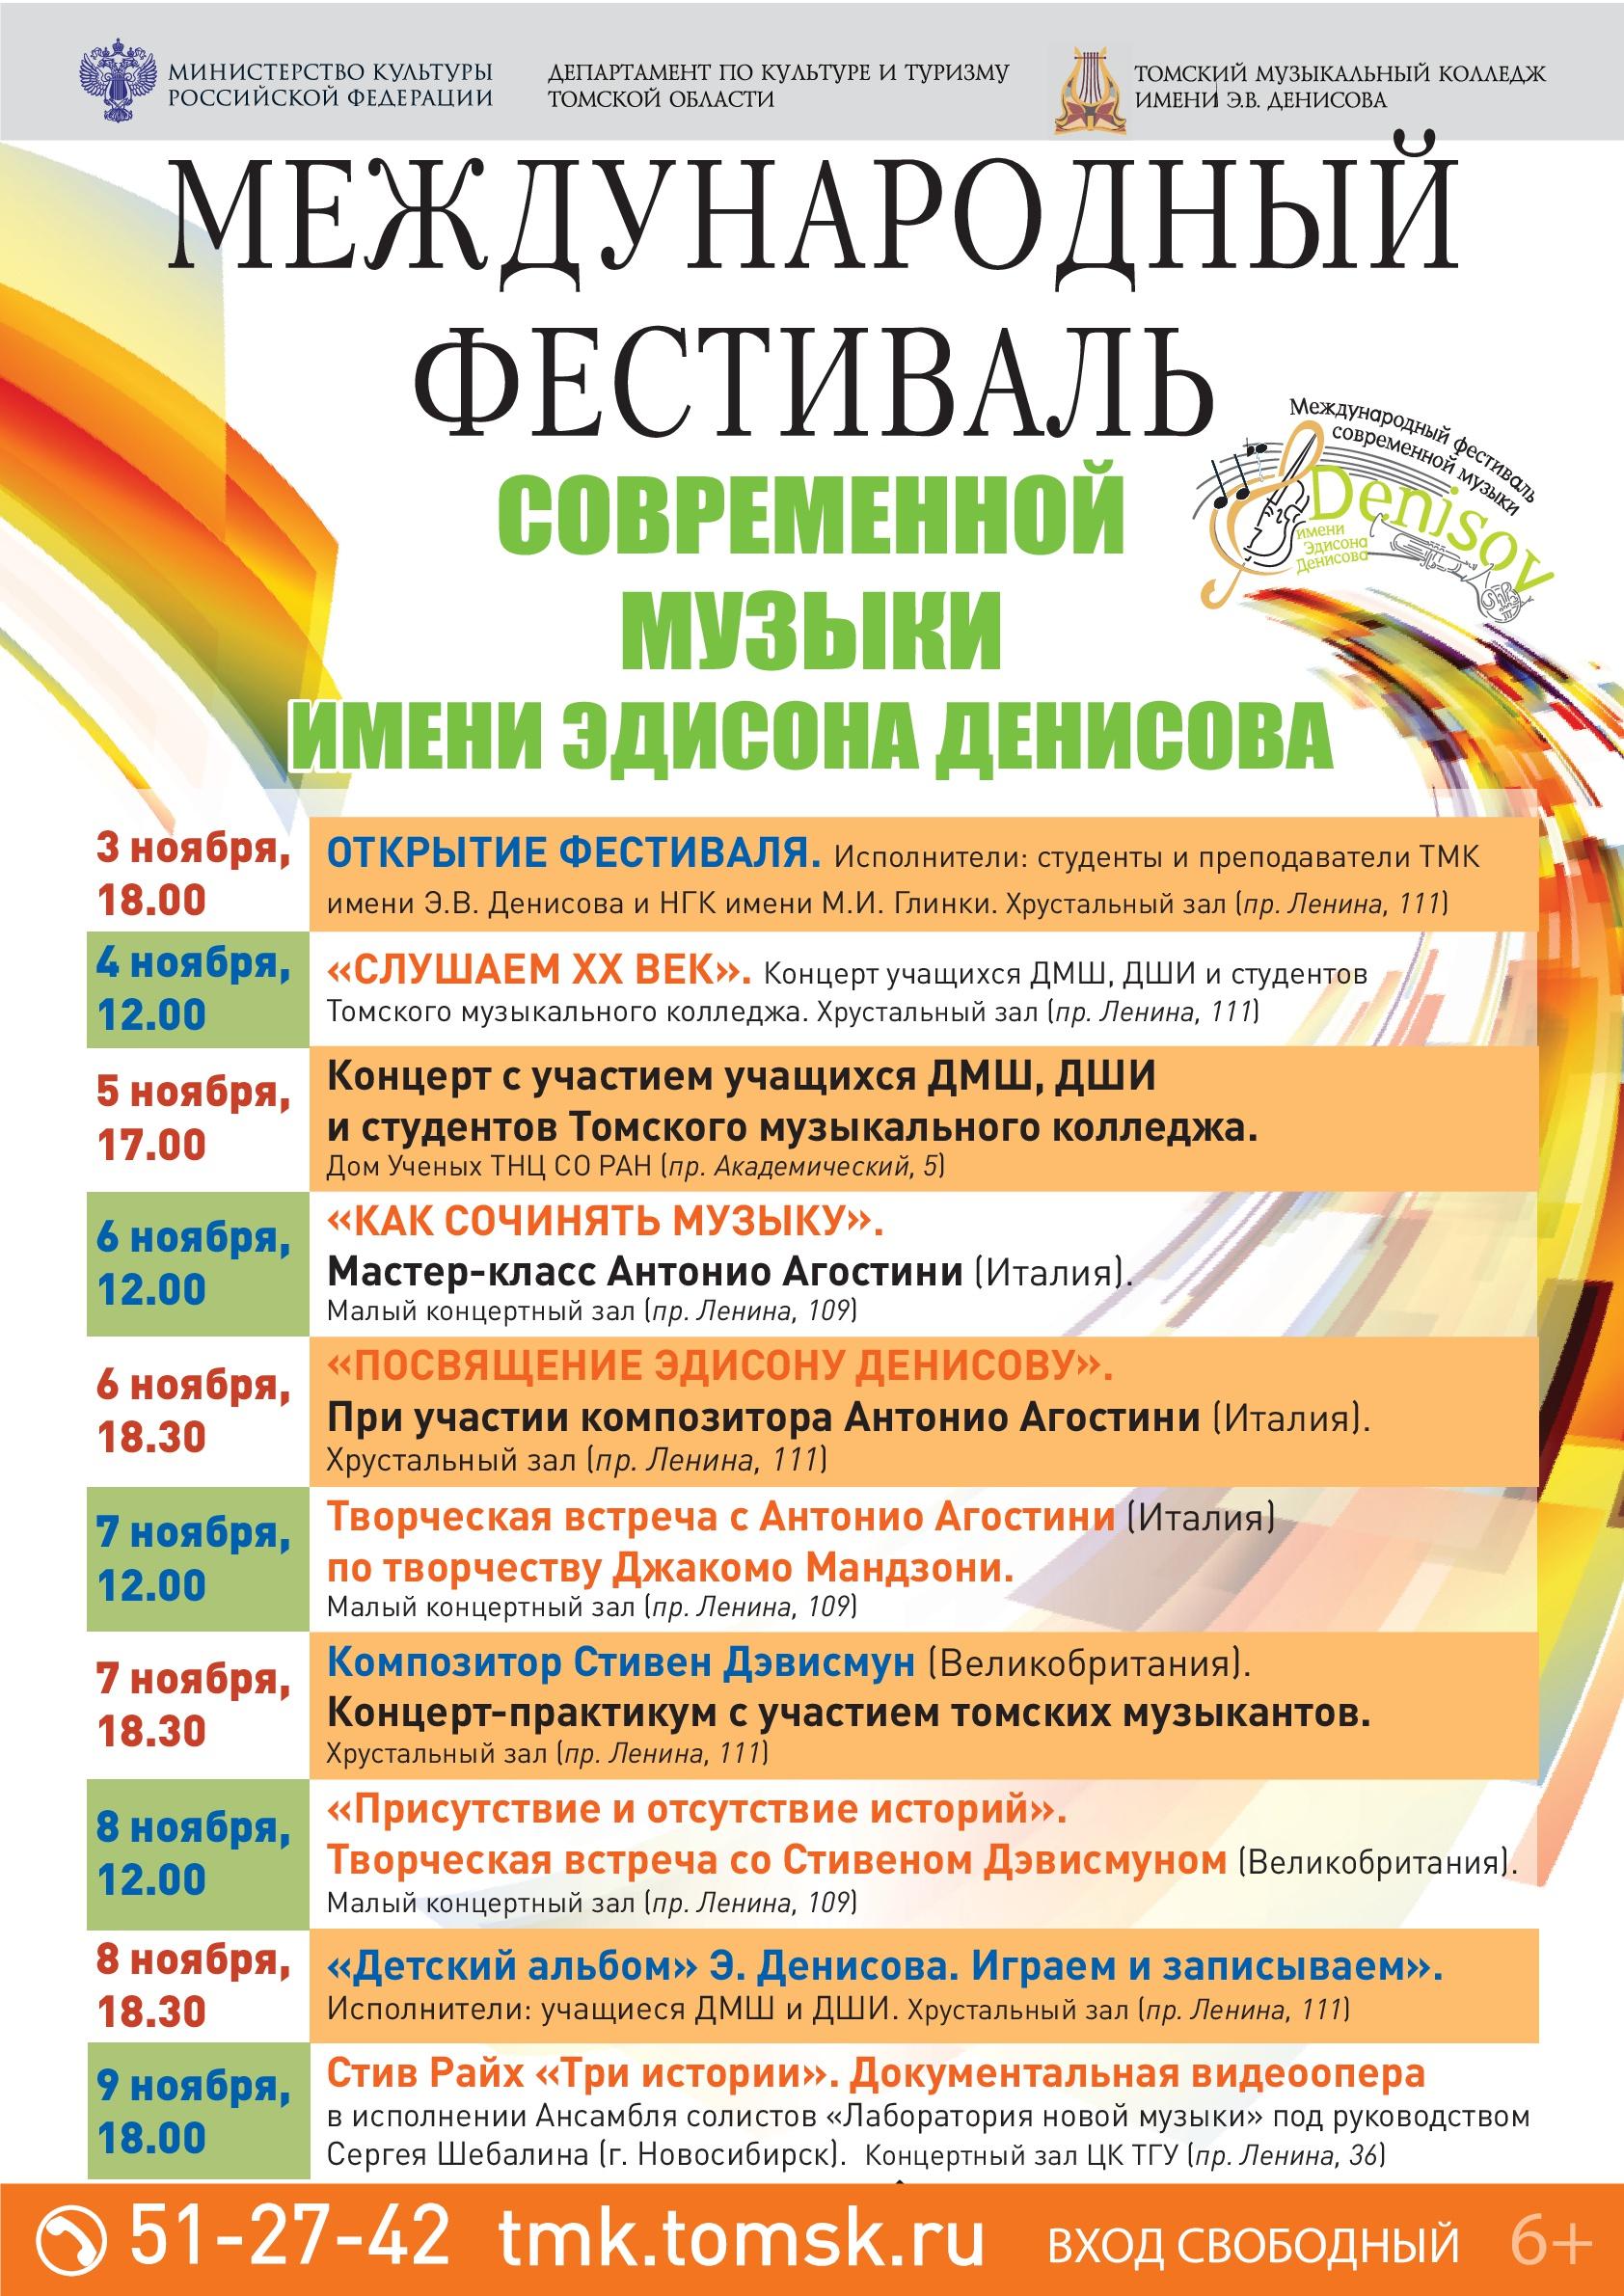 Программа Фестиваля-001 (1)